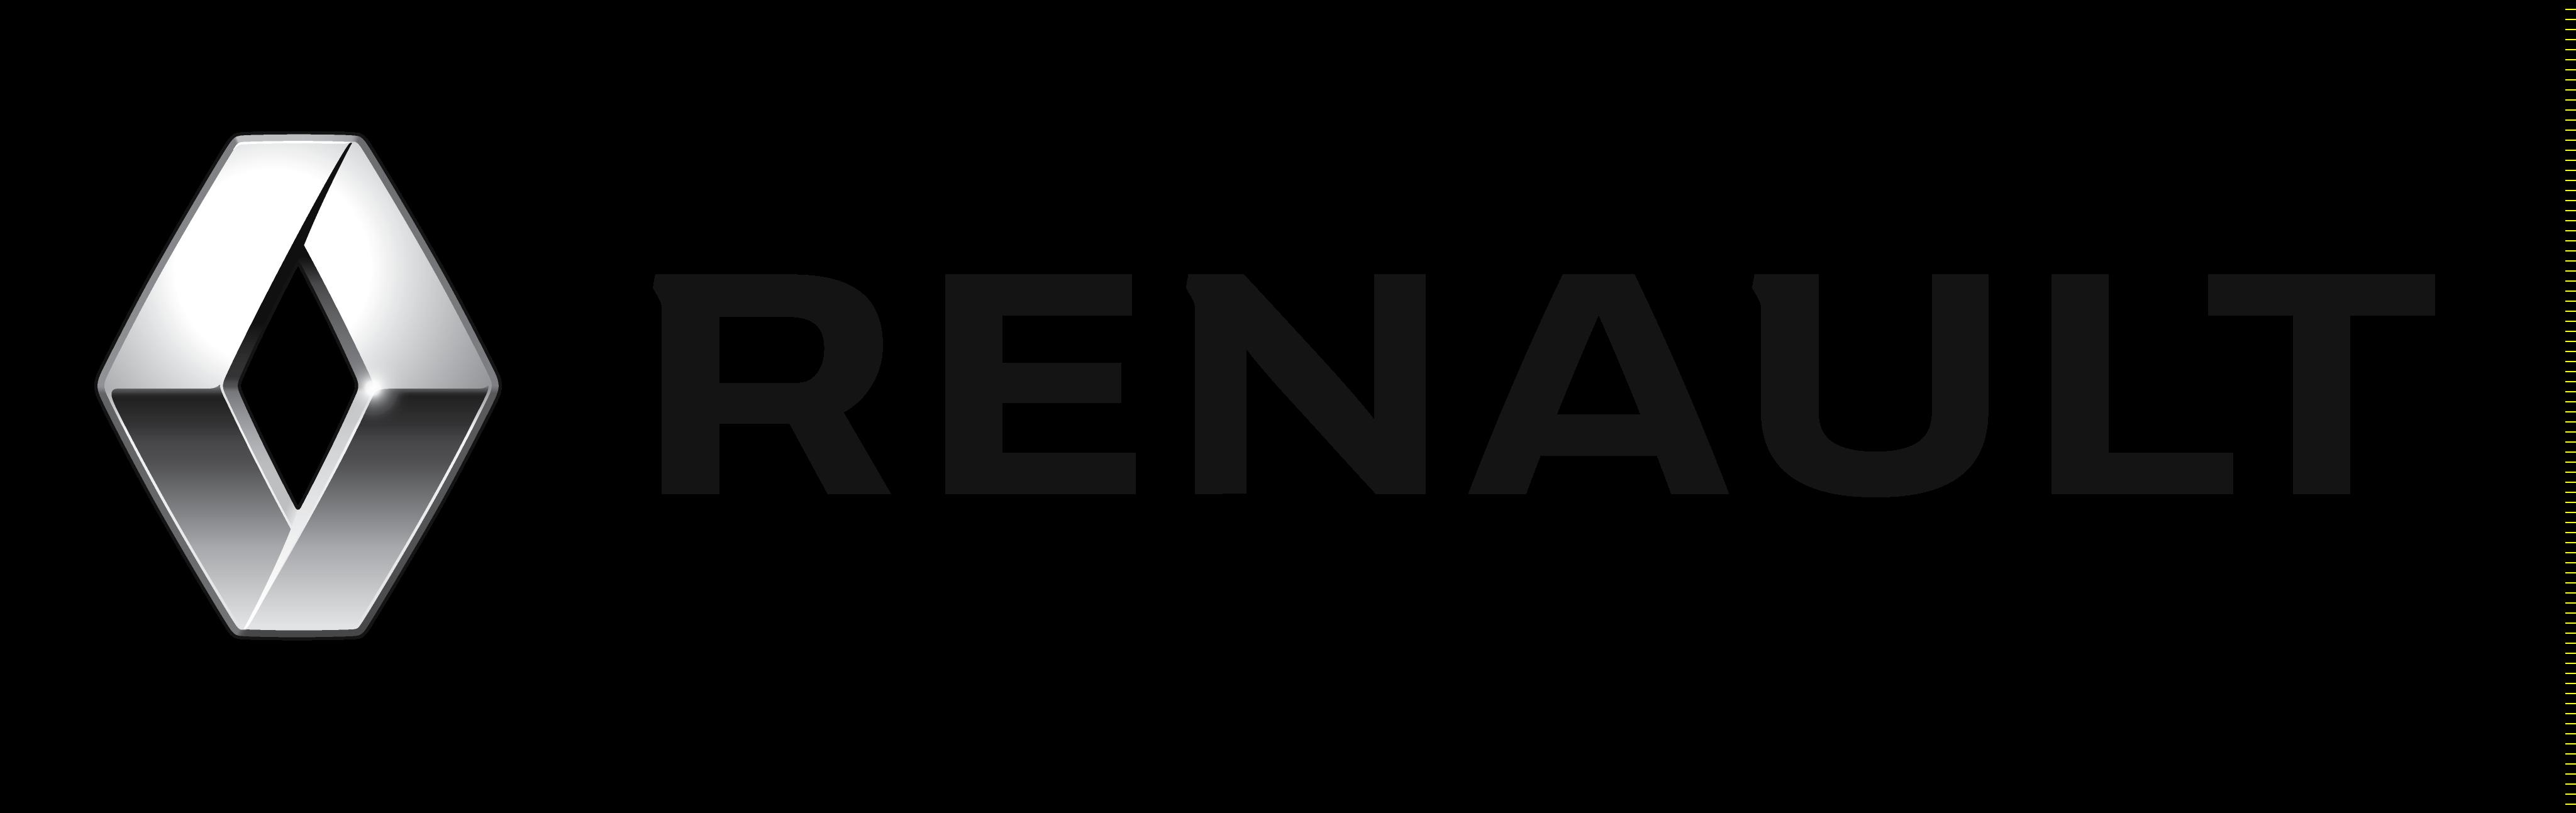 renault logo - Renault Logo